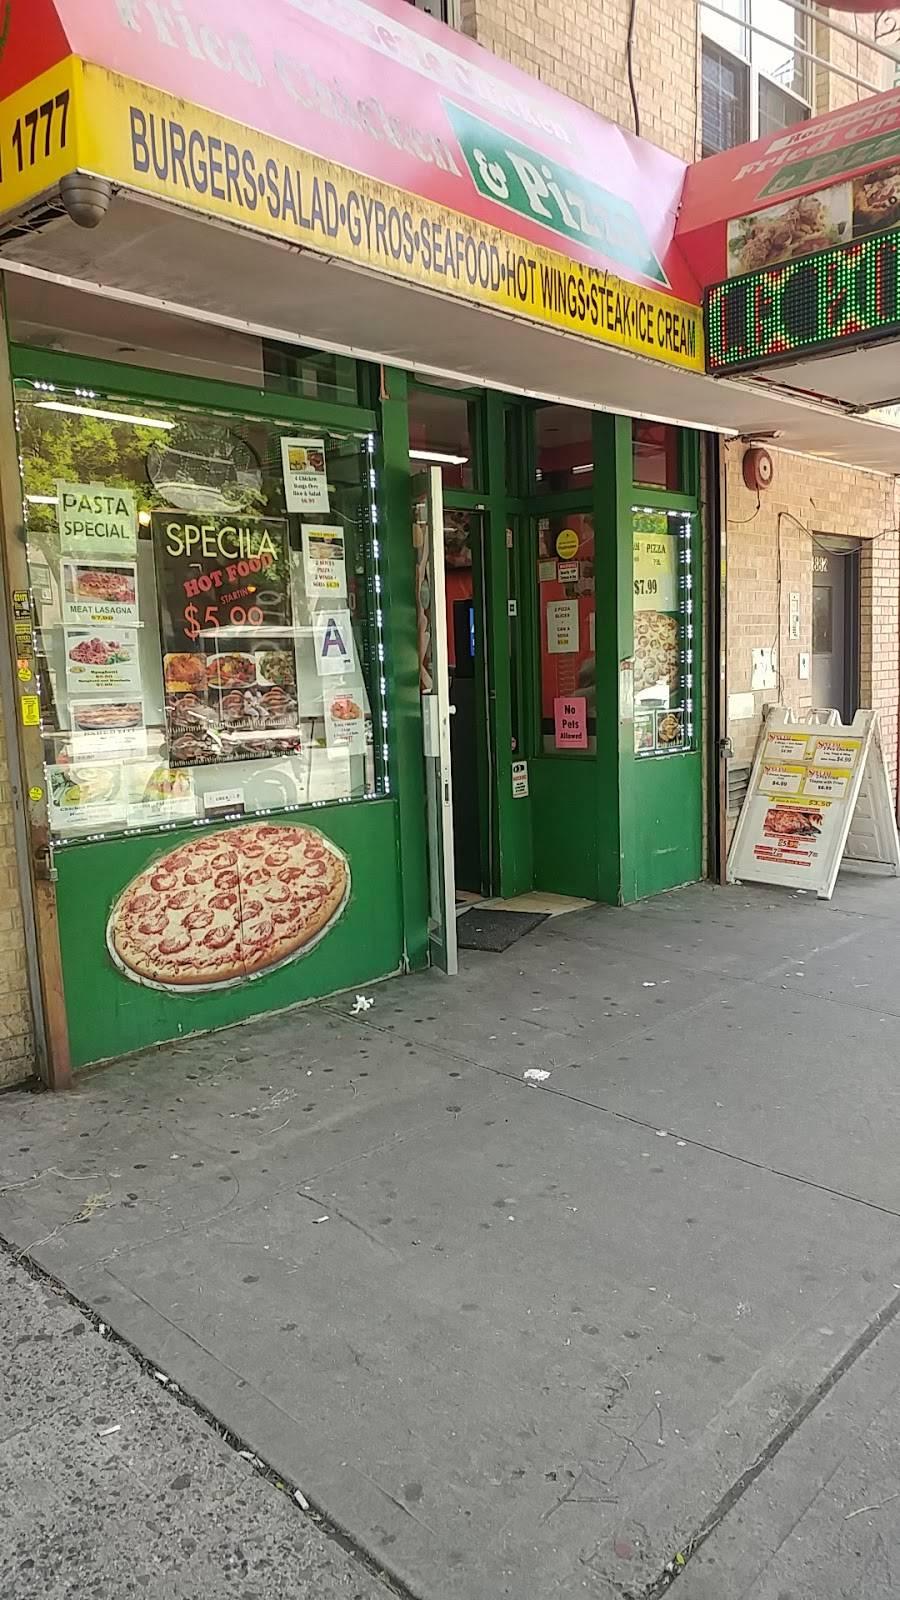 Palace | restaurant | 1882 Fulton St, Brooklyn, NY 11233, USA | 7187711777 OR +1 718-771-1777